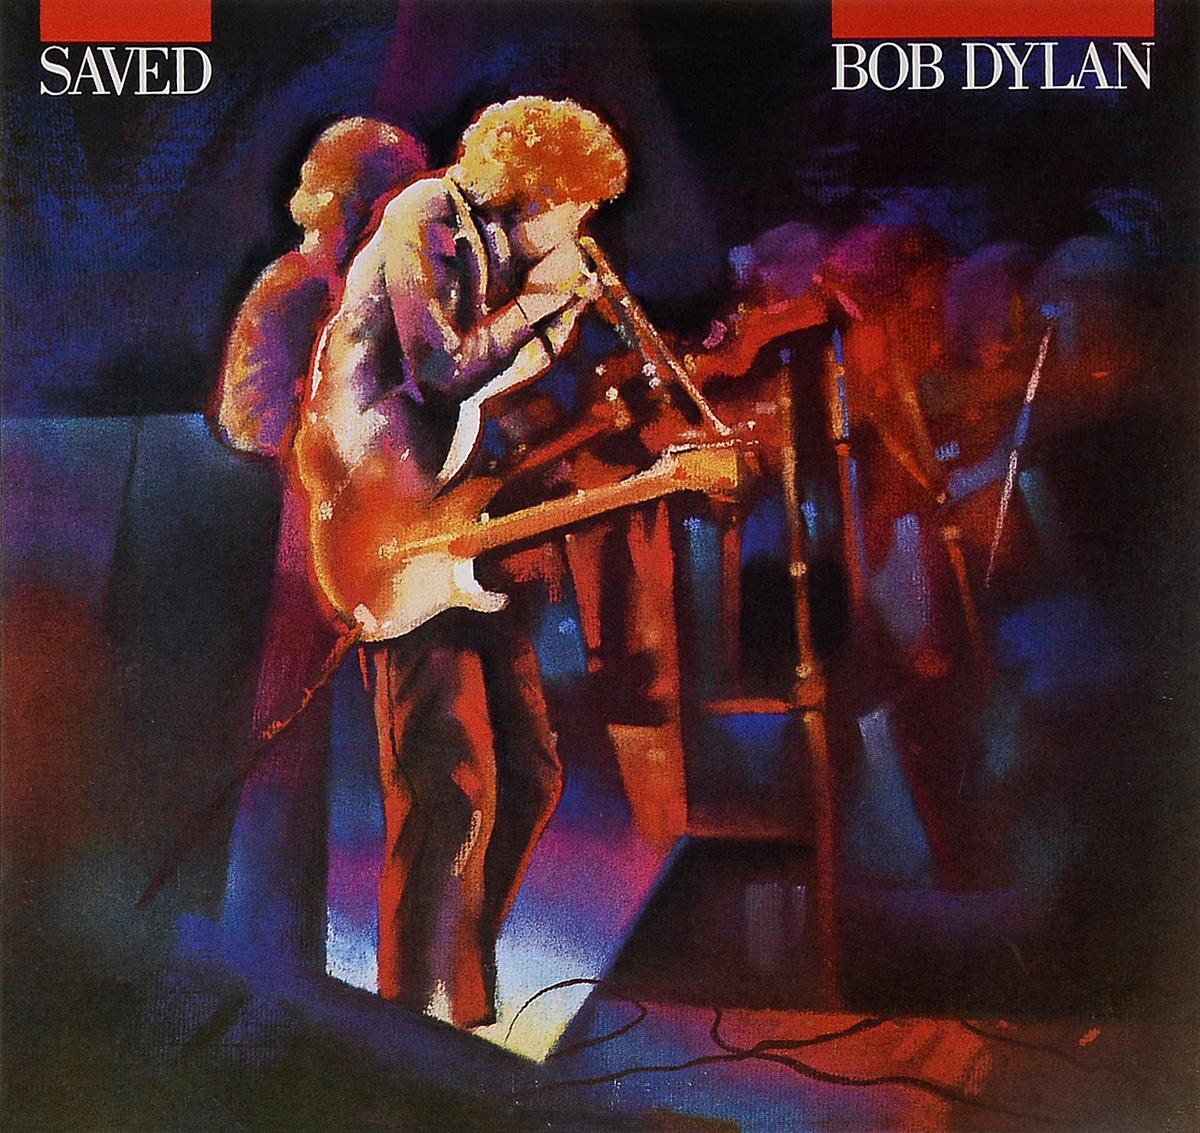 Боб Дилан Bob Dylan. Saved (LP) боб дилан левон хелм робби робертсон гарт хадсон dylan bob